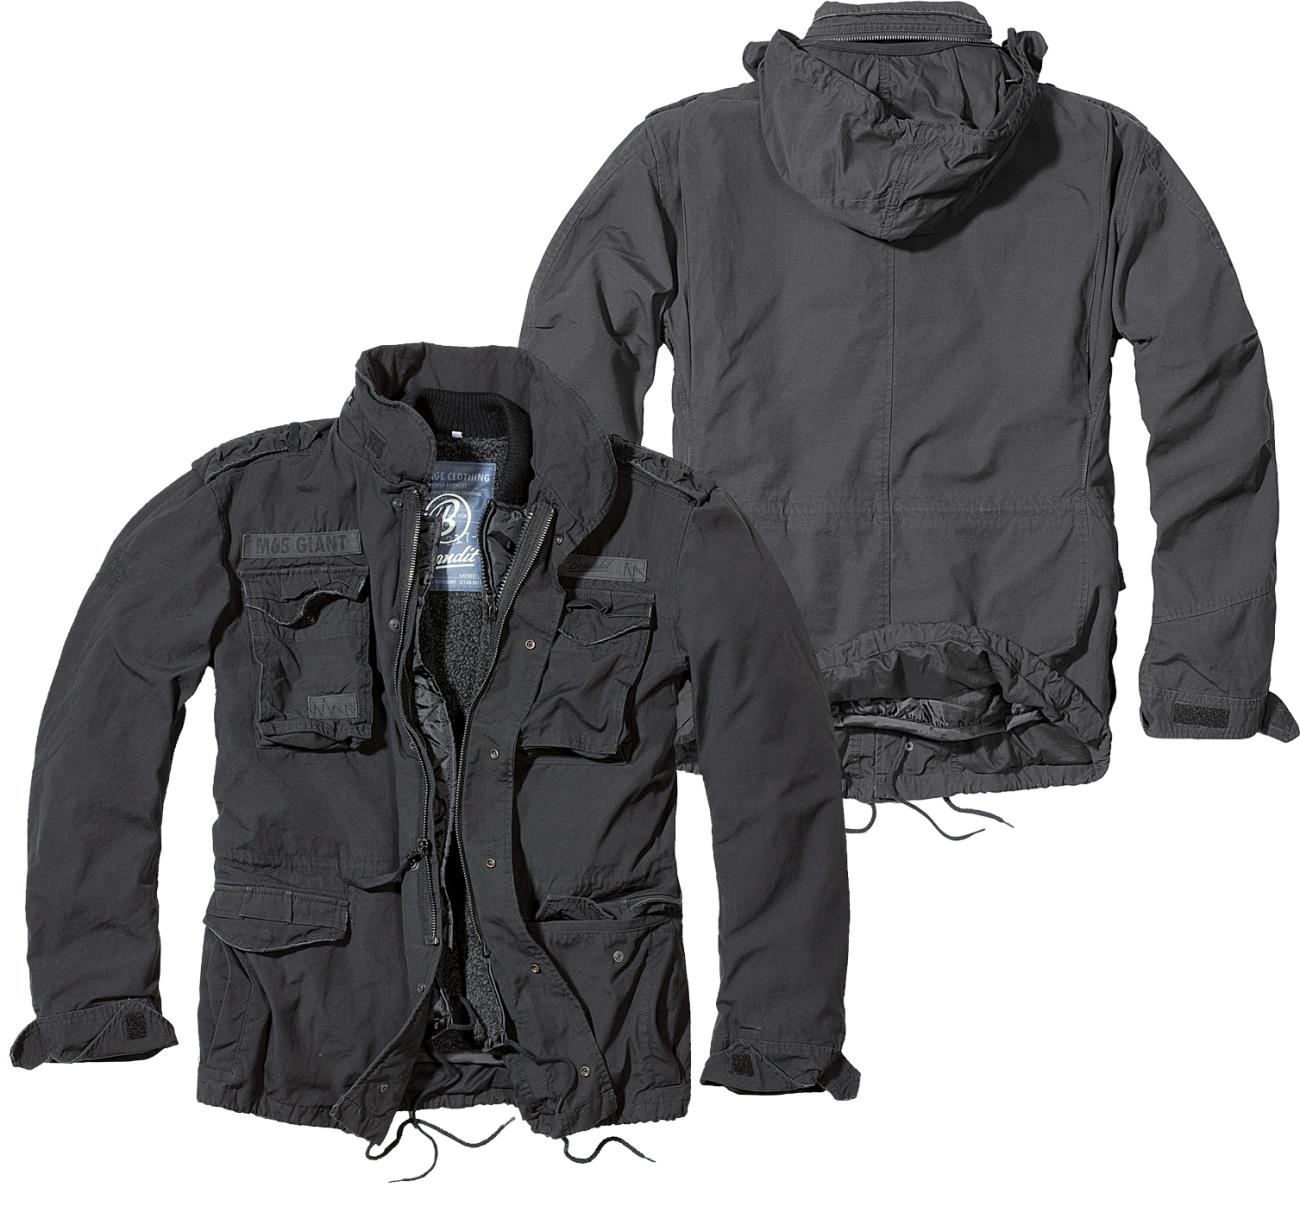 M65 Giant Jacke schwarz